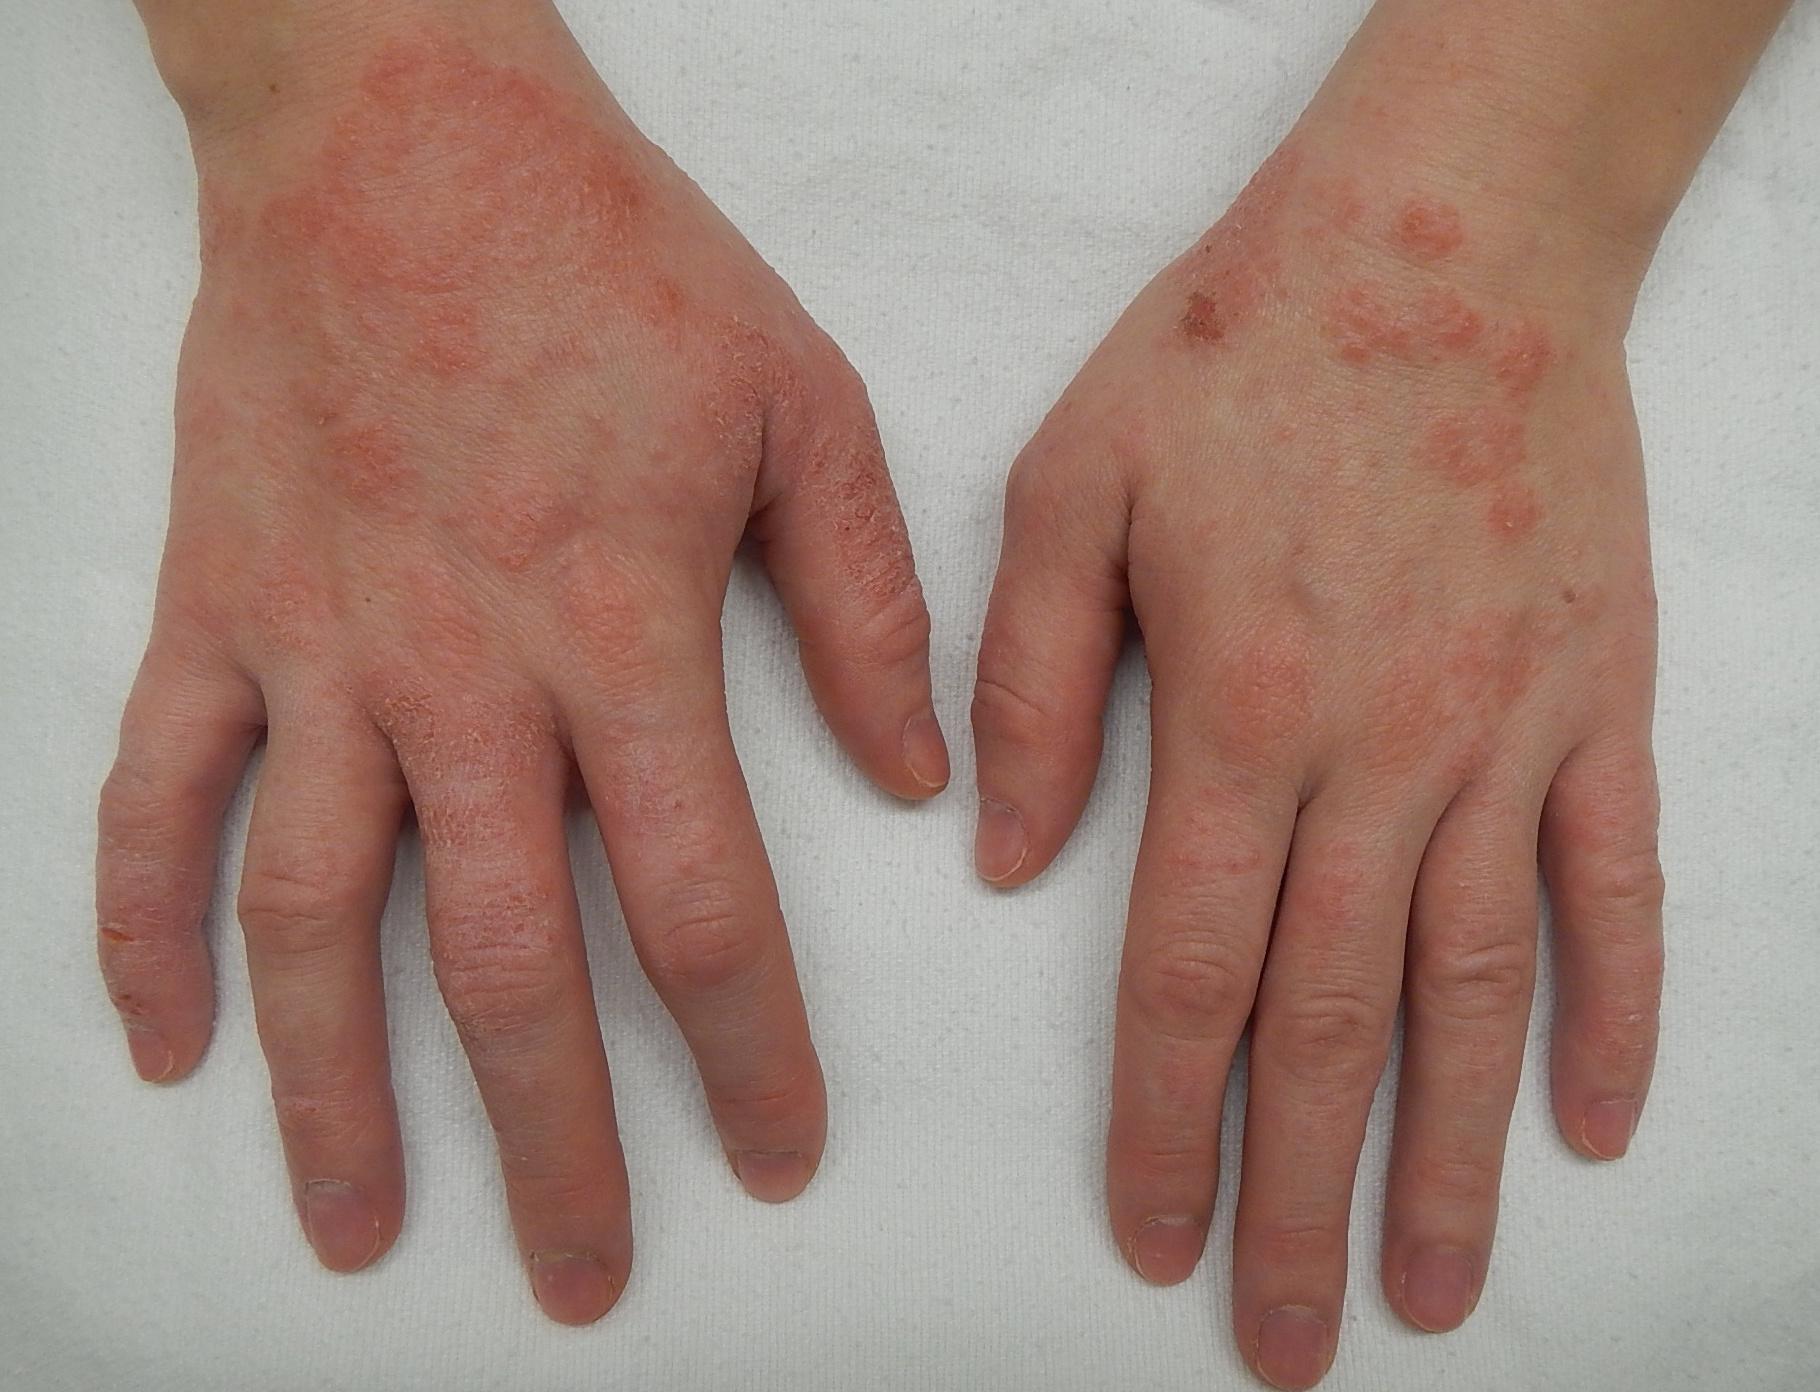 vörös foltok a kezek bőrén kezelés hogyan gyógyítottam meg a pikkelysömör